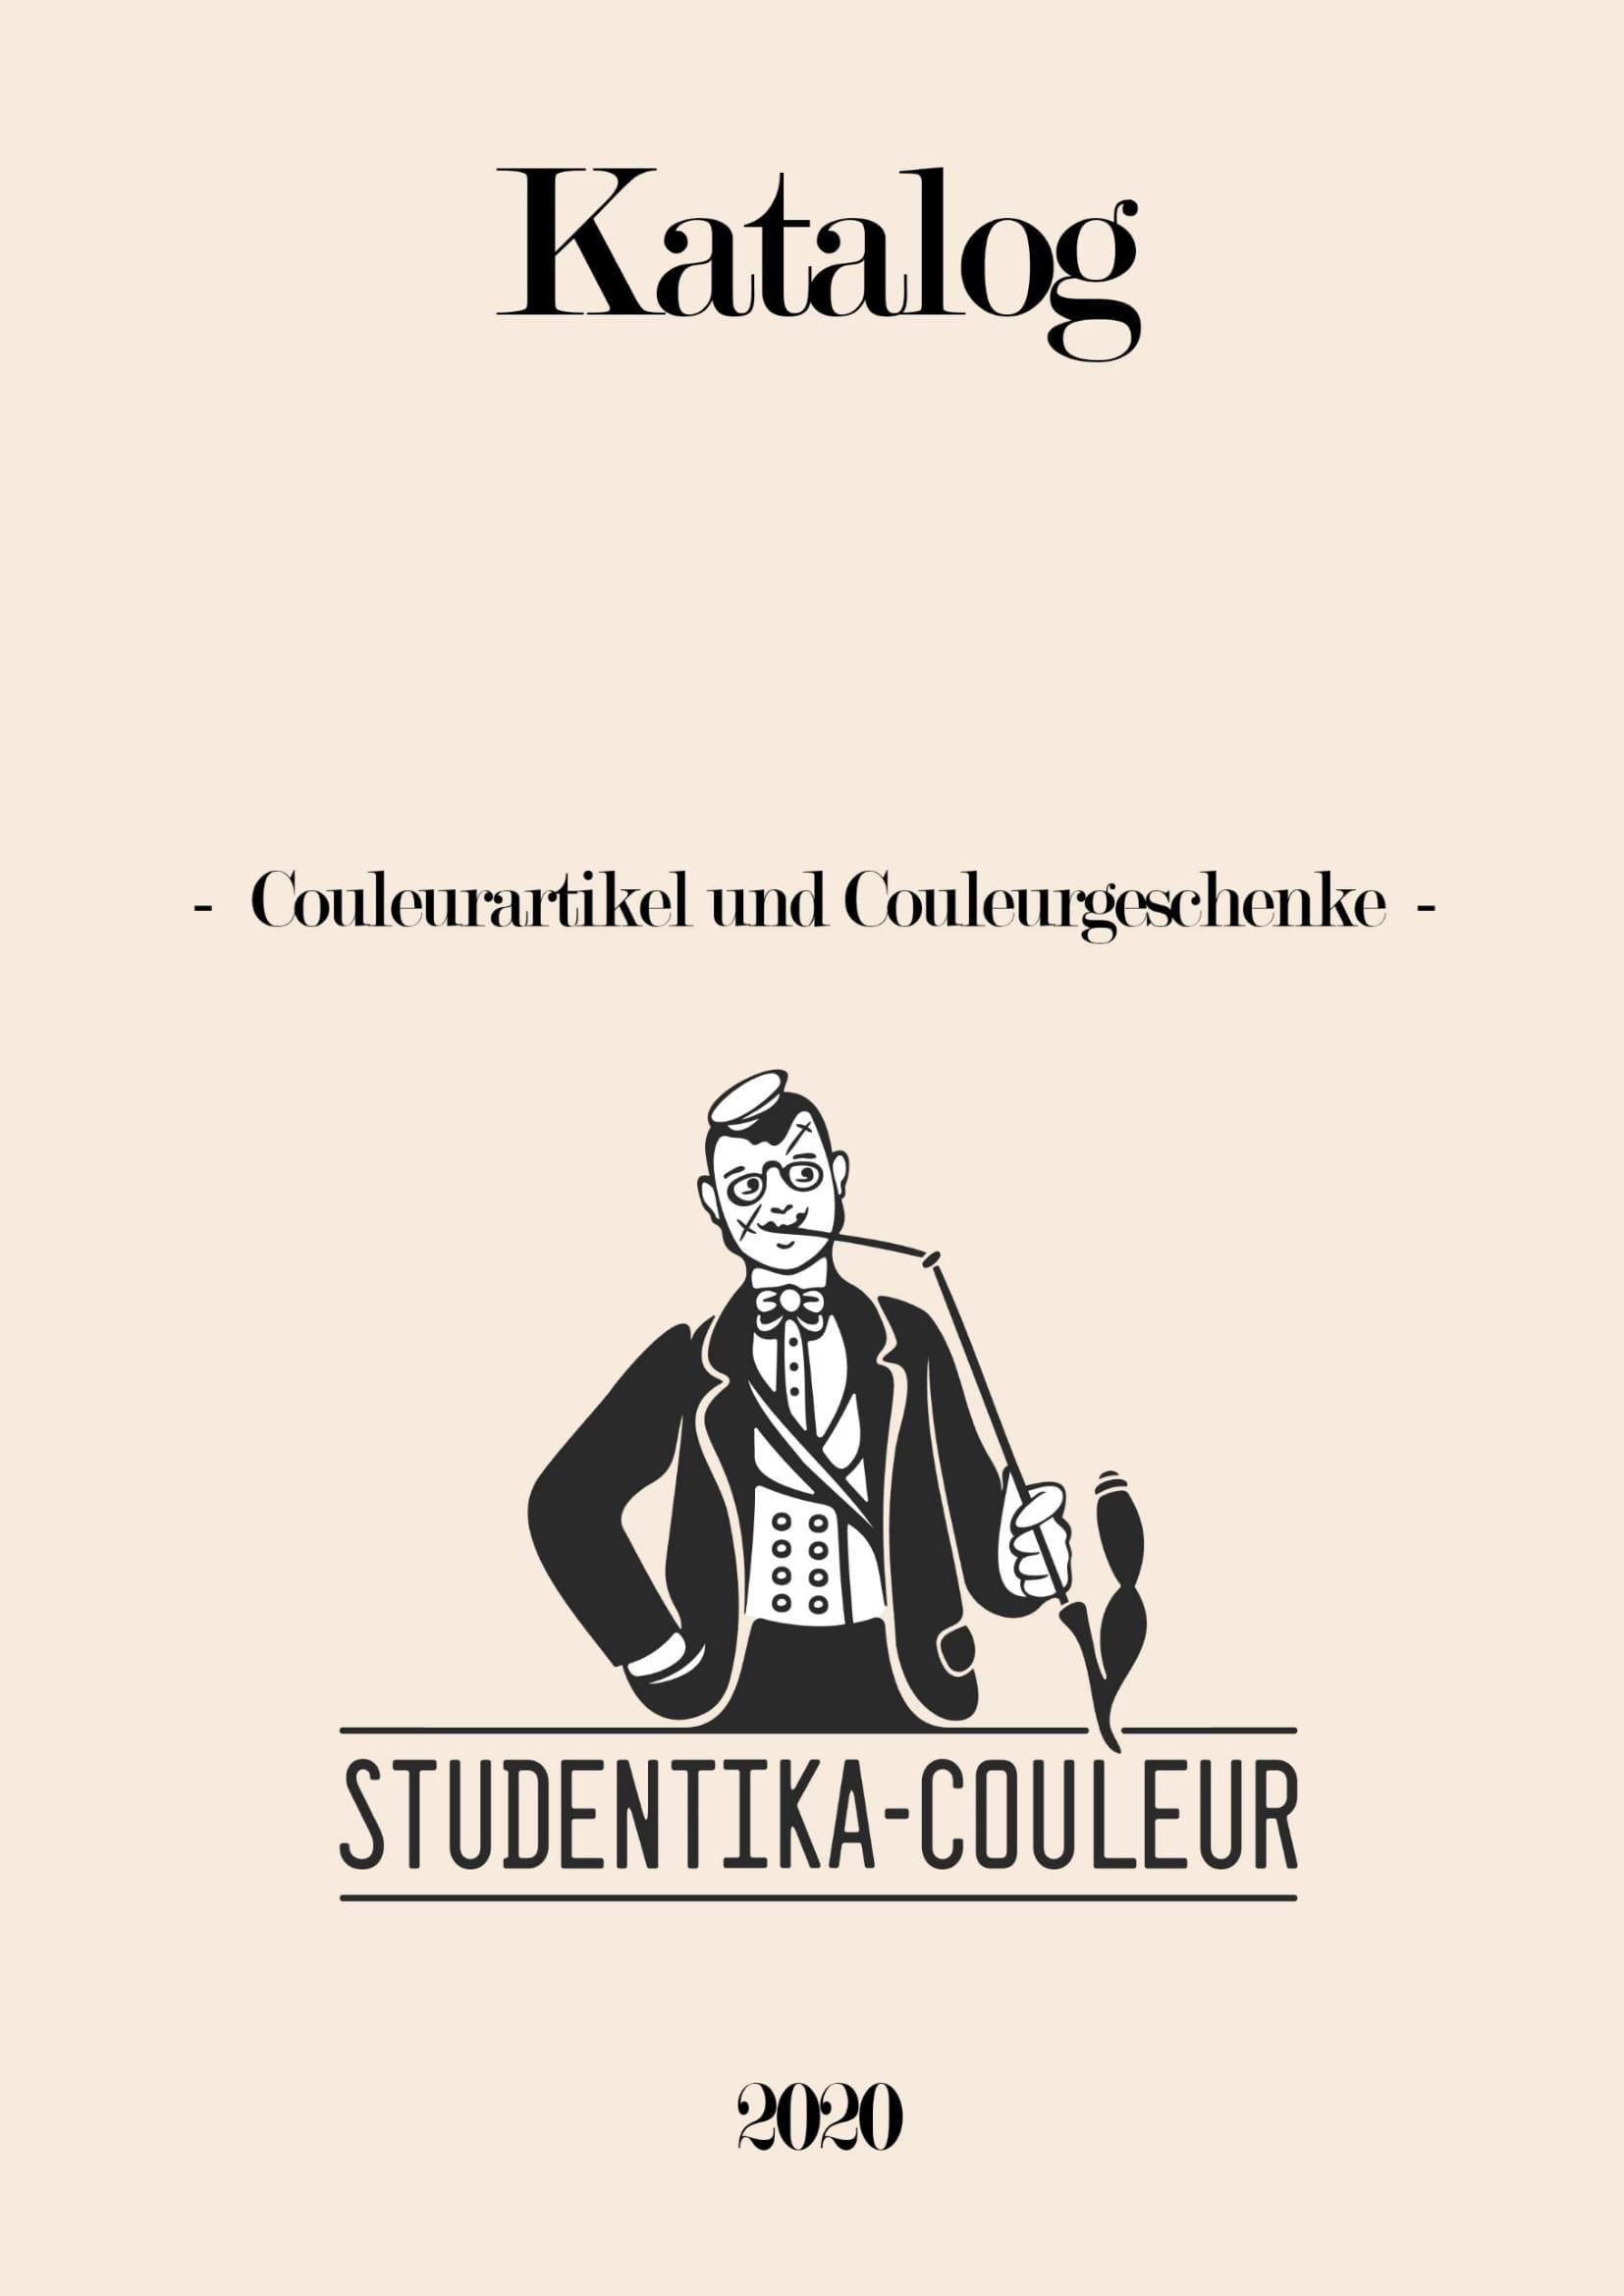 studentika-couleur katalog